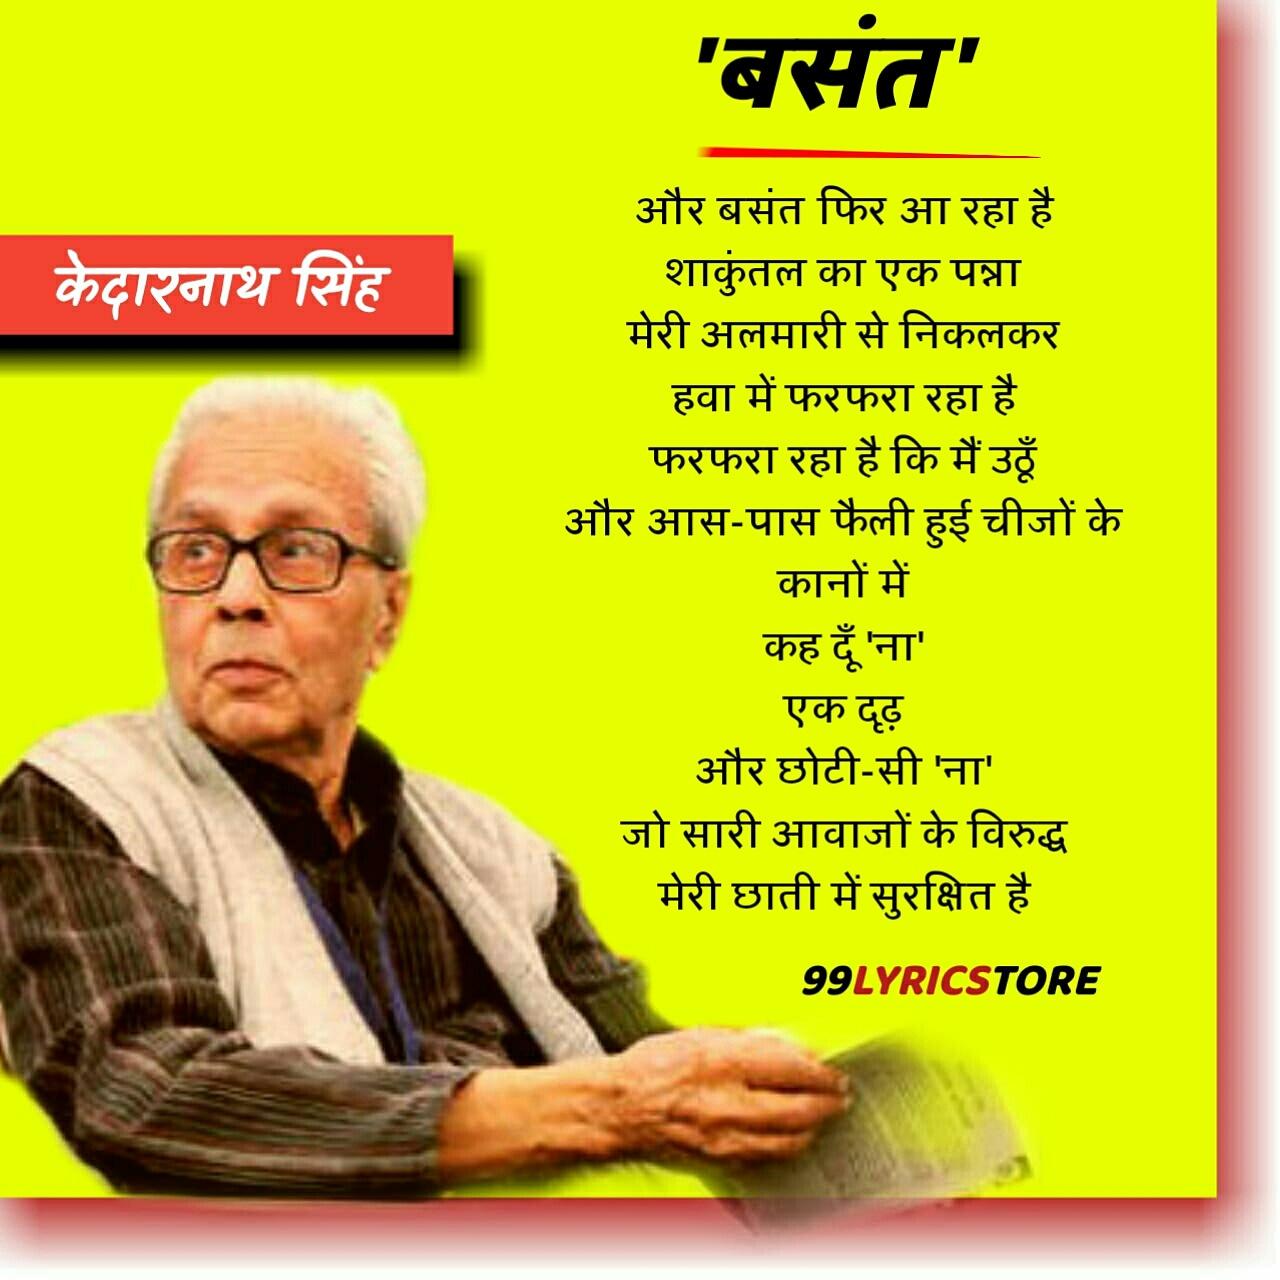 'वसंत' कविता केदारनाथ सिंह जी द्वारा लिखी गई एक हिन्दी कविता है।